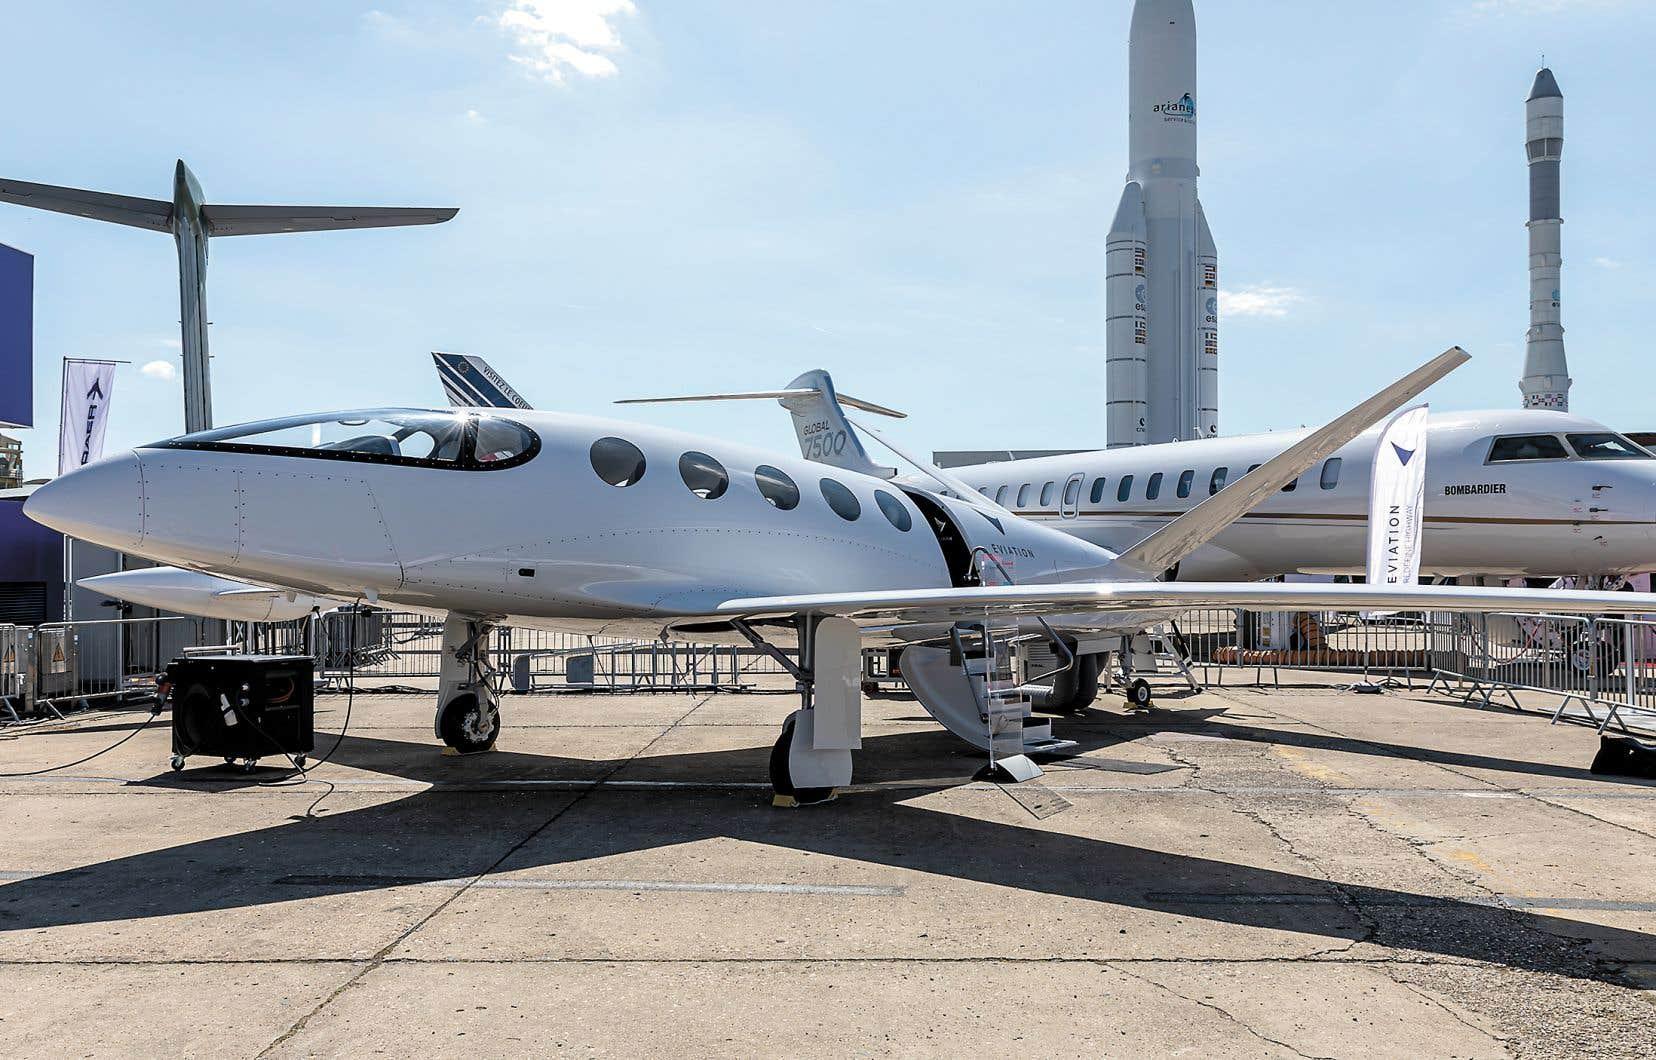 L'appareil de 9 places à propulsion entièrement électrique a été présenté la semaine dernière au salon aéronautique du Bourget, en France.